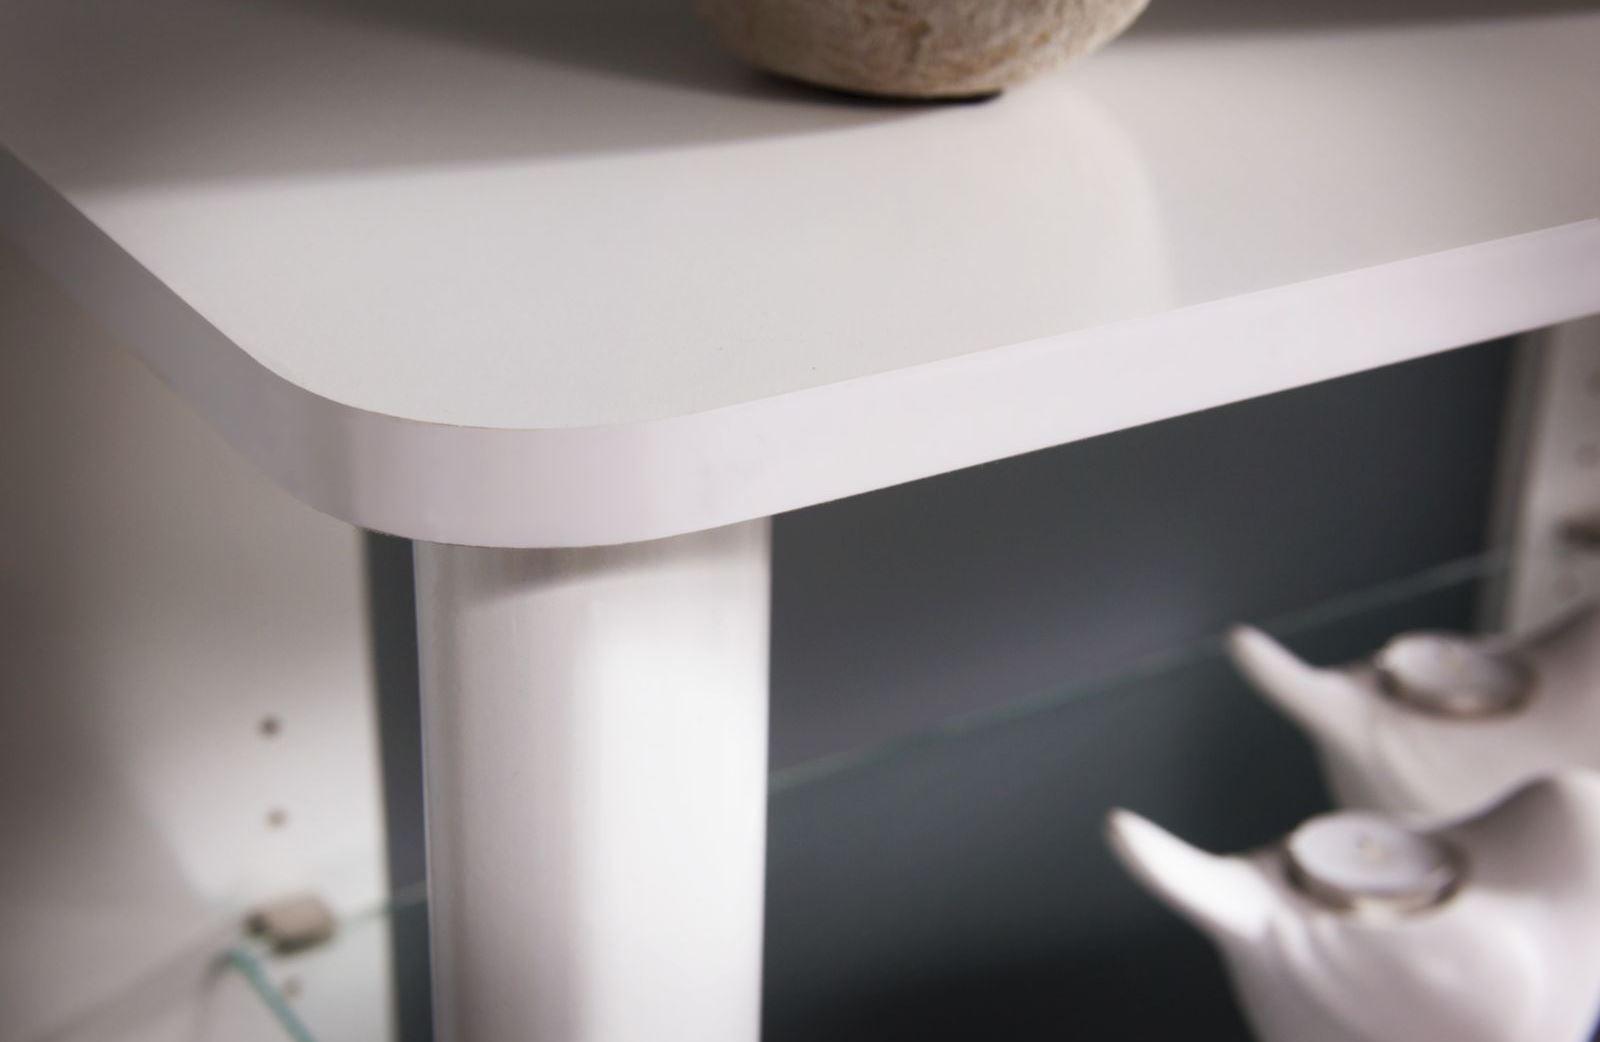 Aero Pure White Desk With 16 Cube Bookcase From Bush